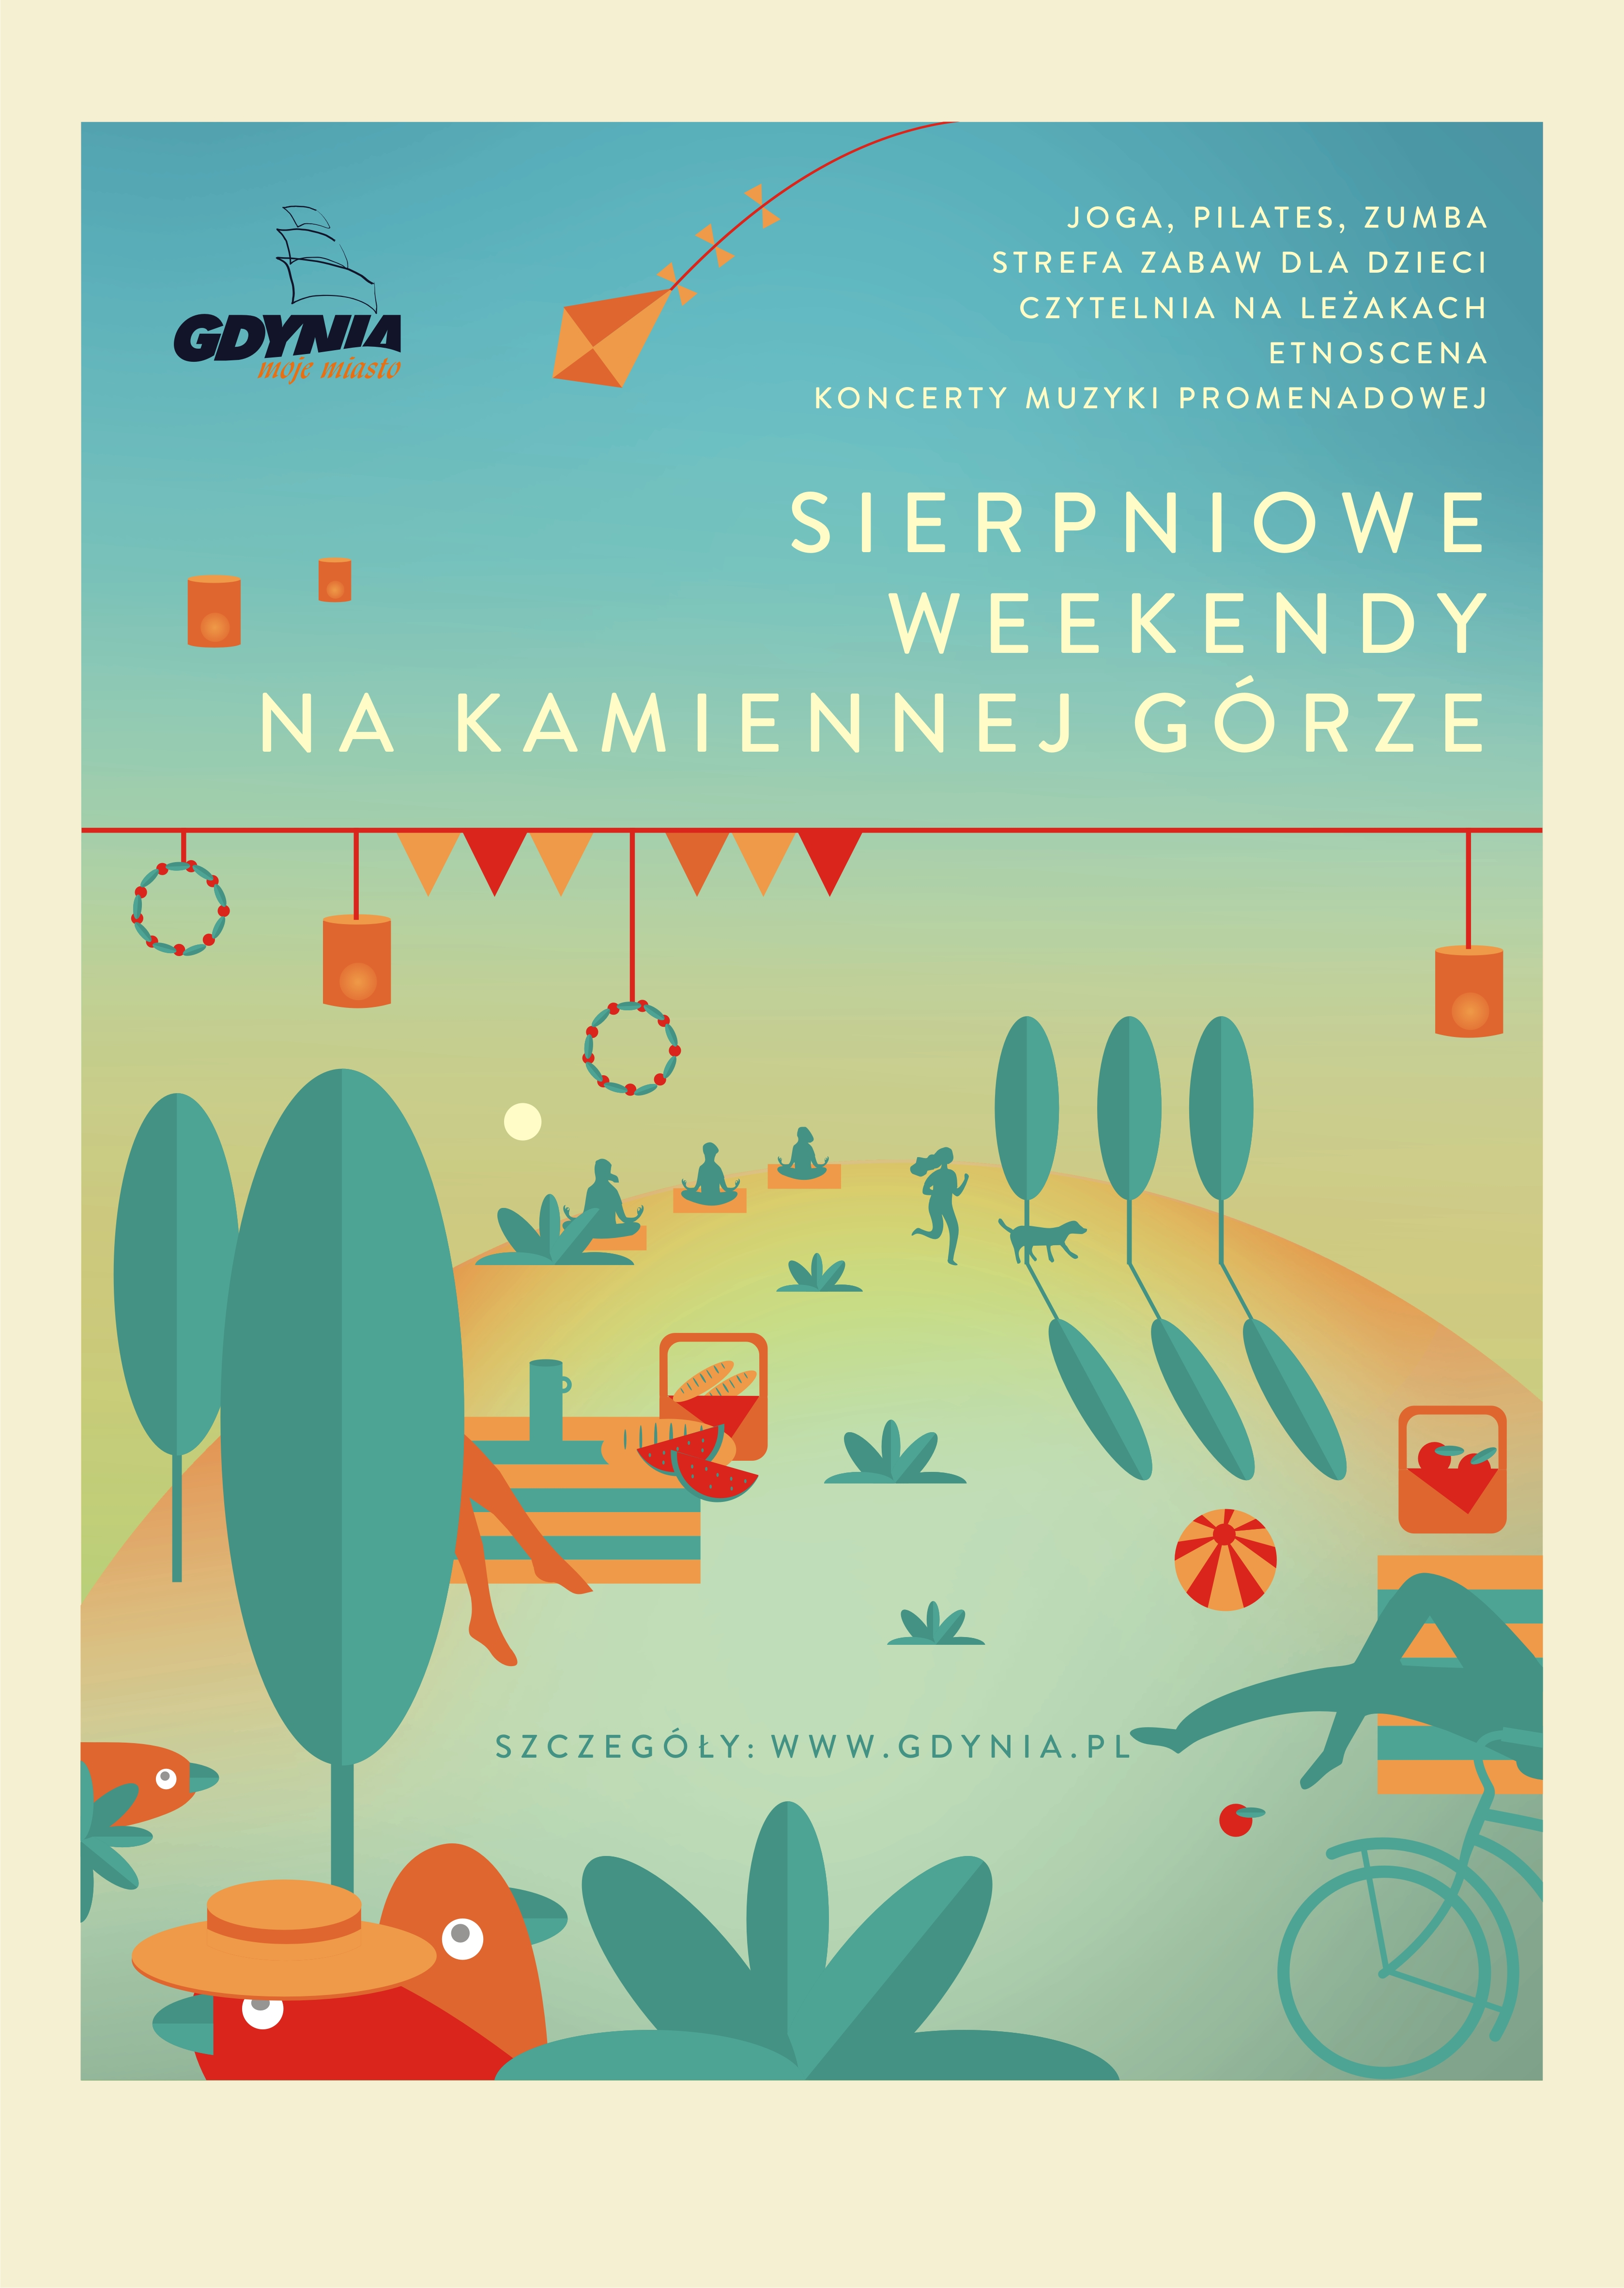 Weekend na Kamiennej Górze - program 1-2 sierpnia